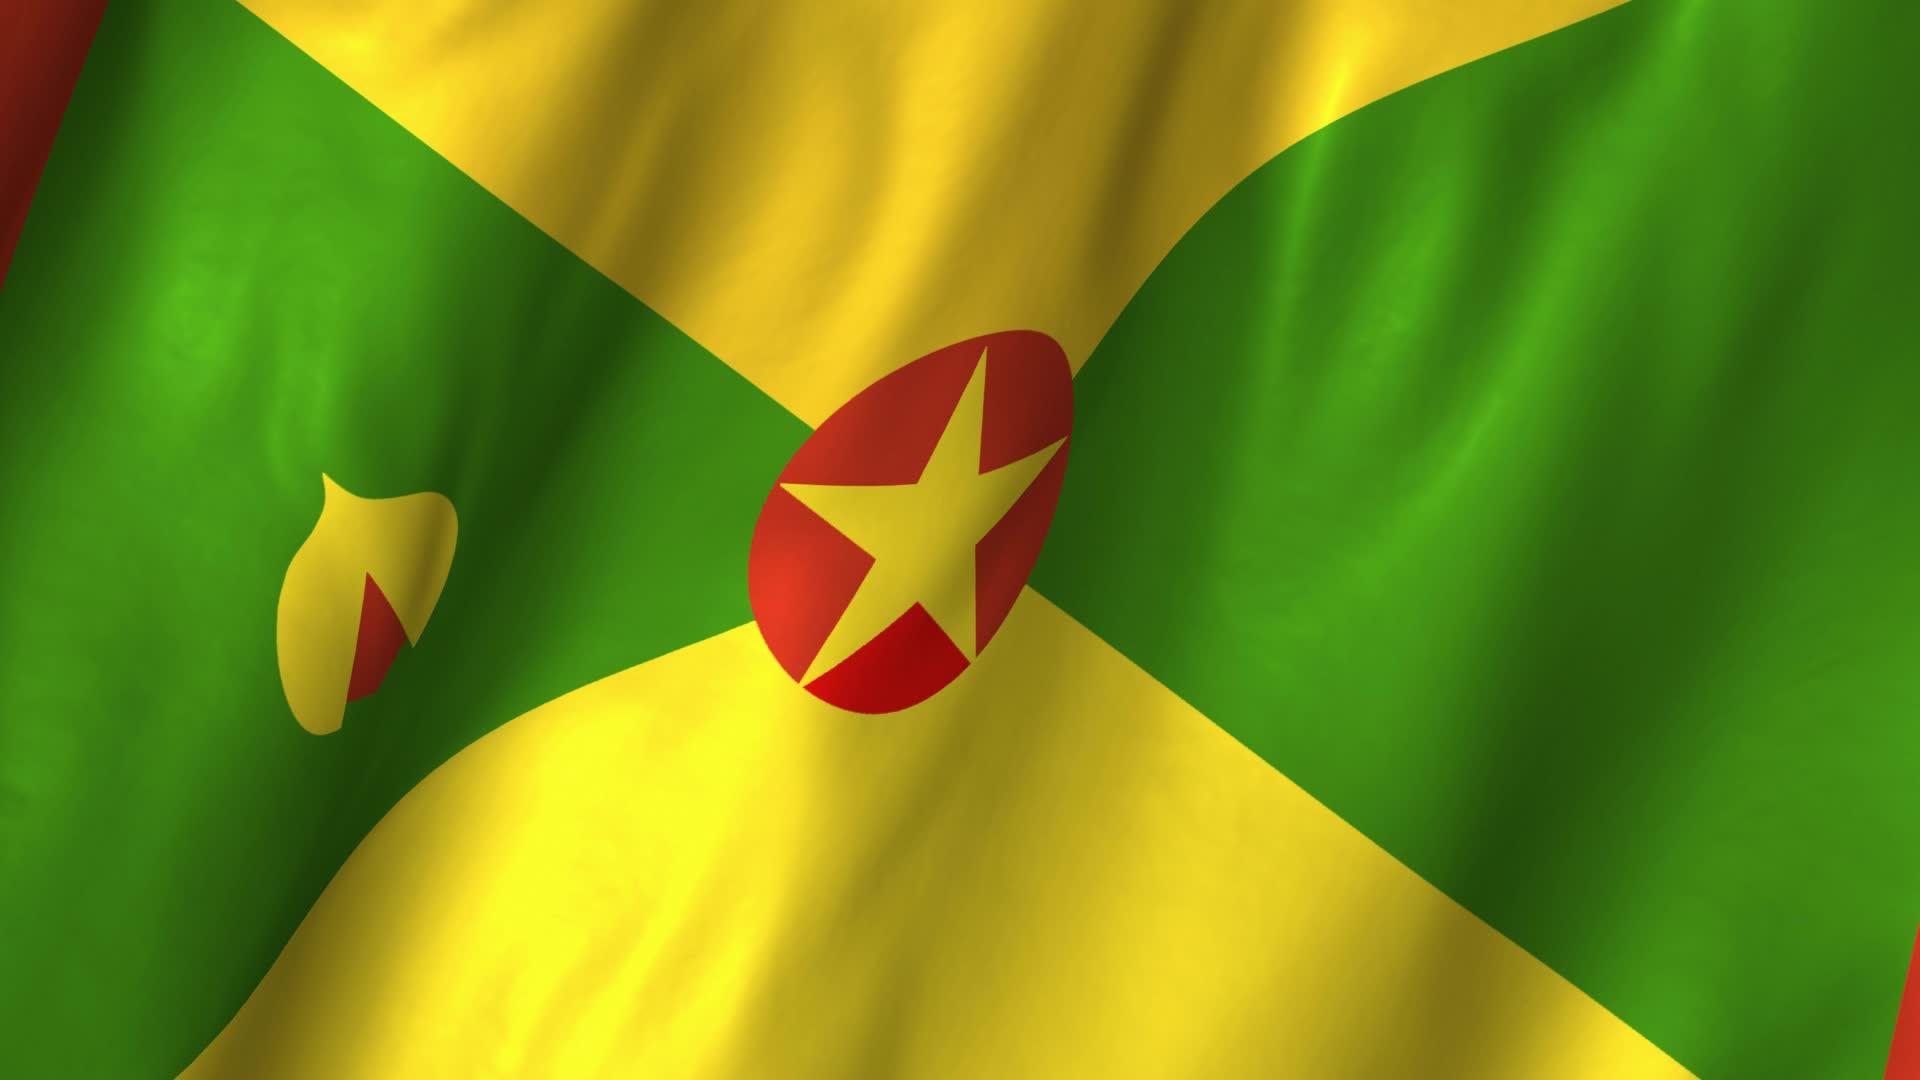 When the Cowboy-Actor Star Brings Democracy: The 1983 Grenada Case